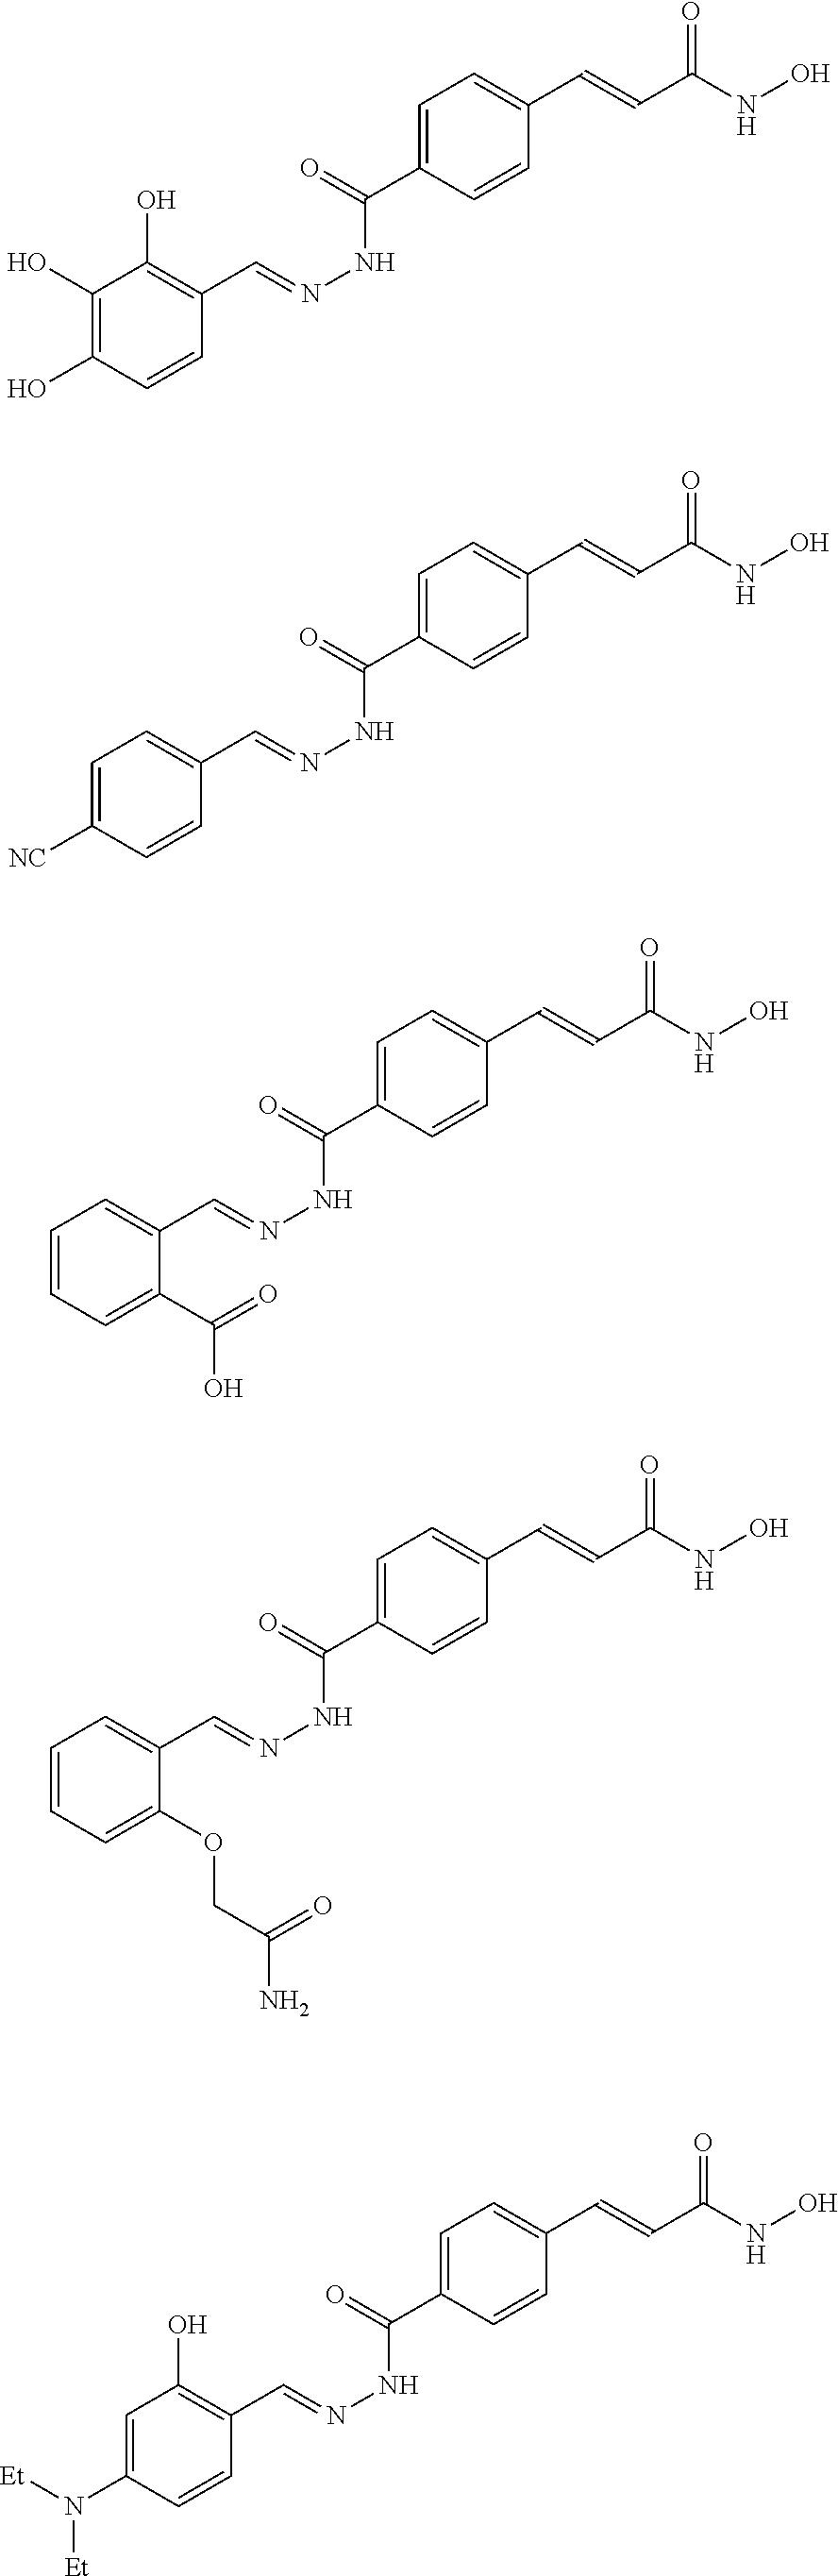 Figure US09540317-20170110-C00003